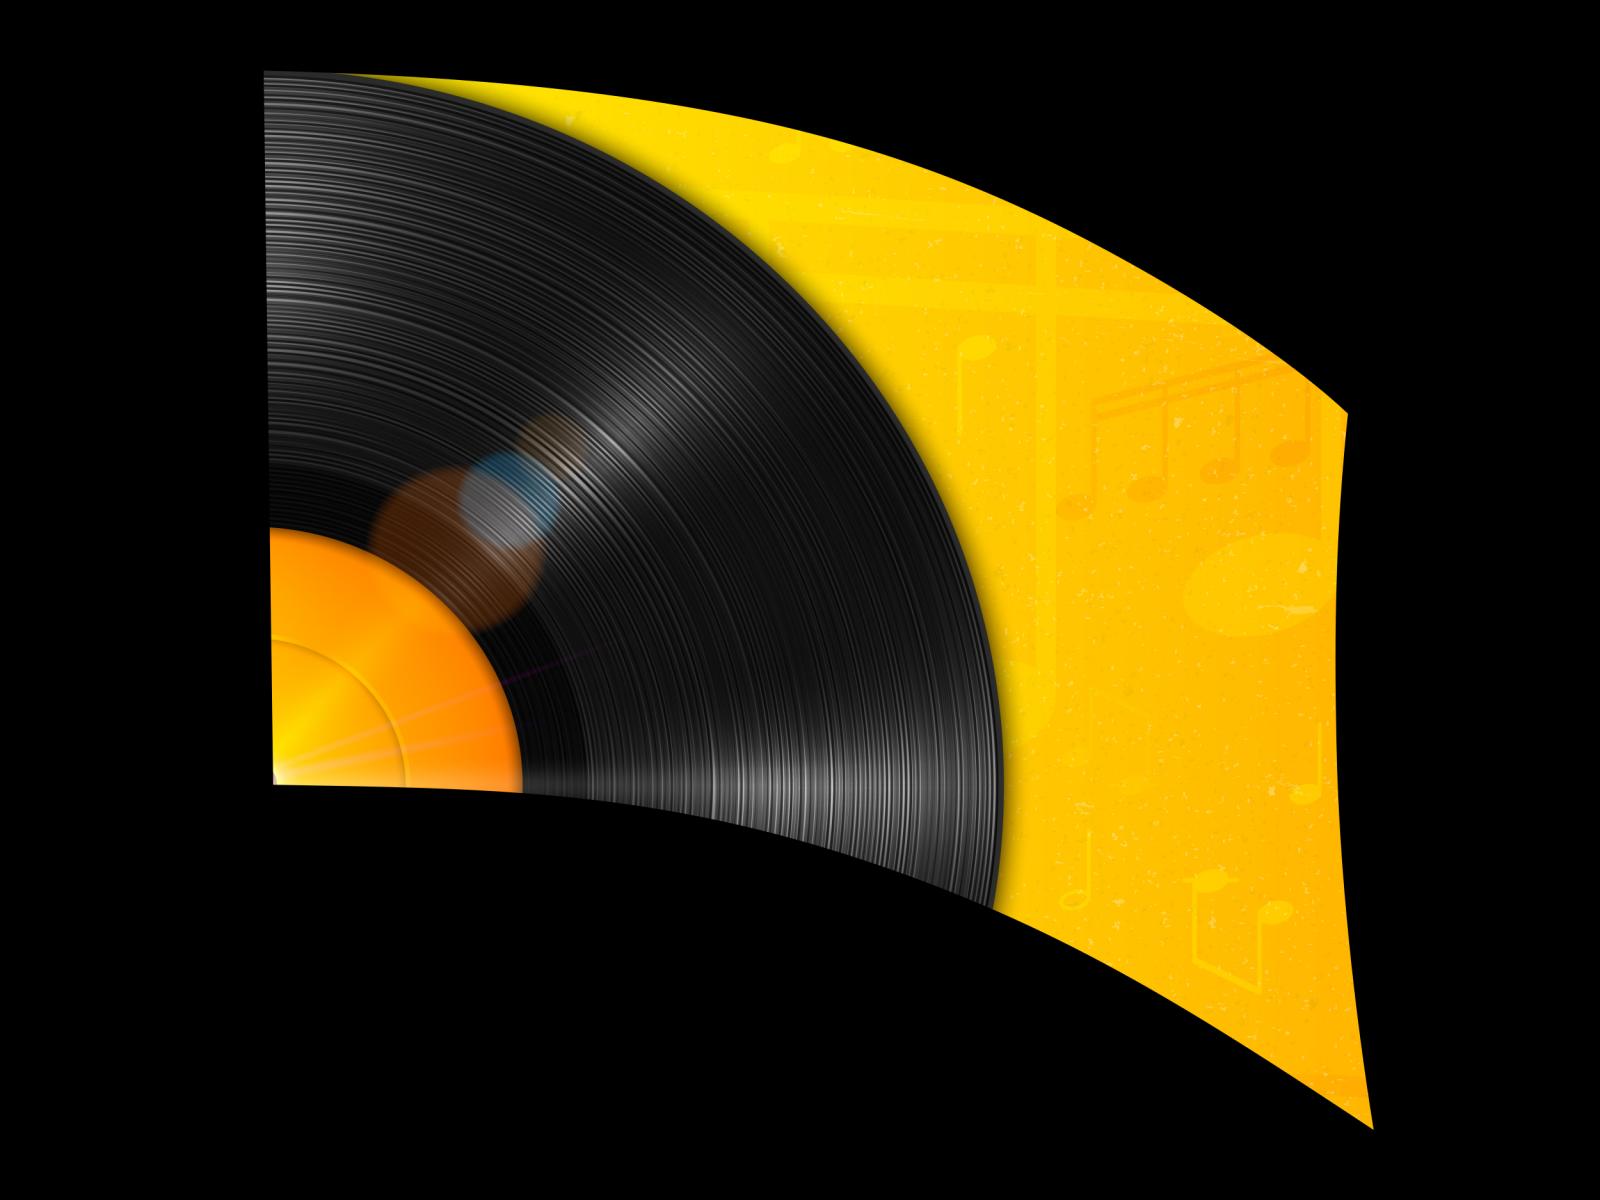 060414s - 36x52 Standard Record 1